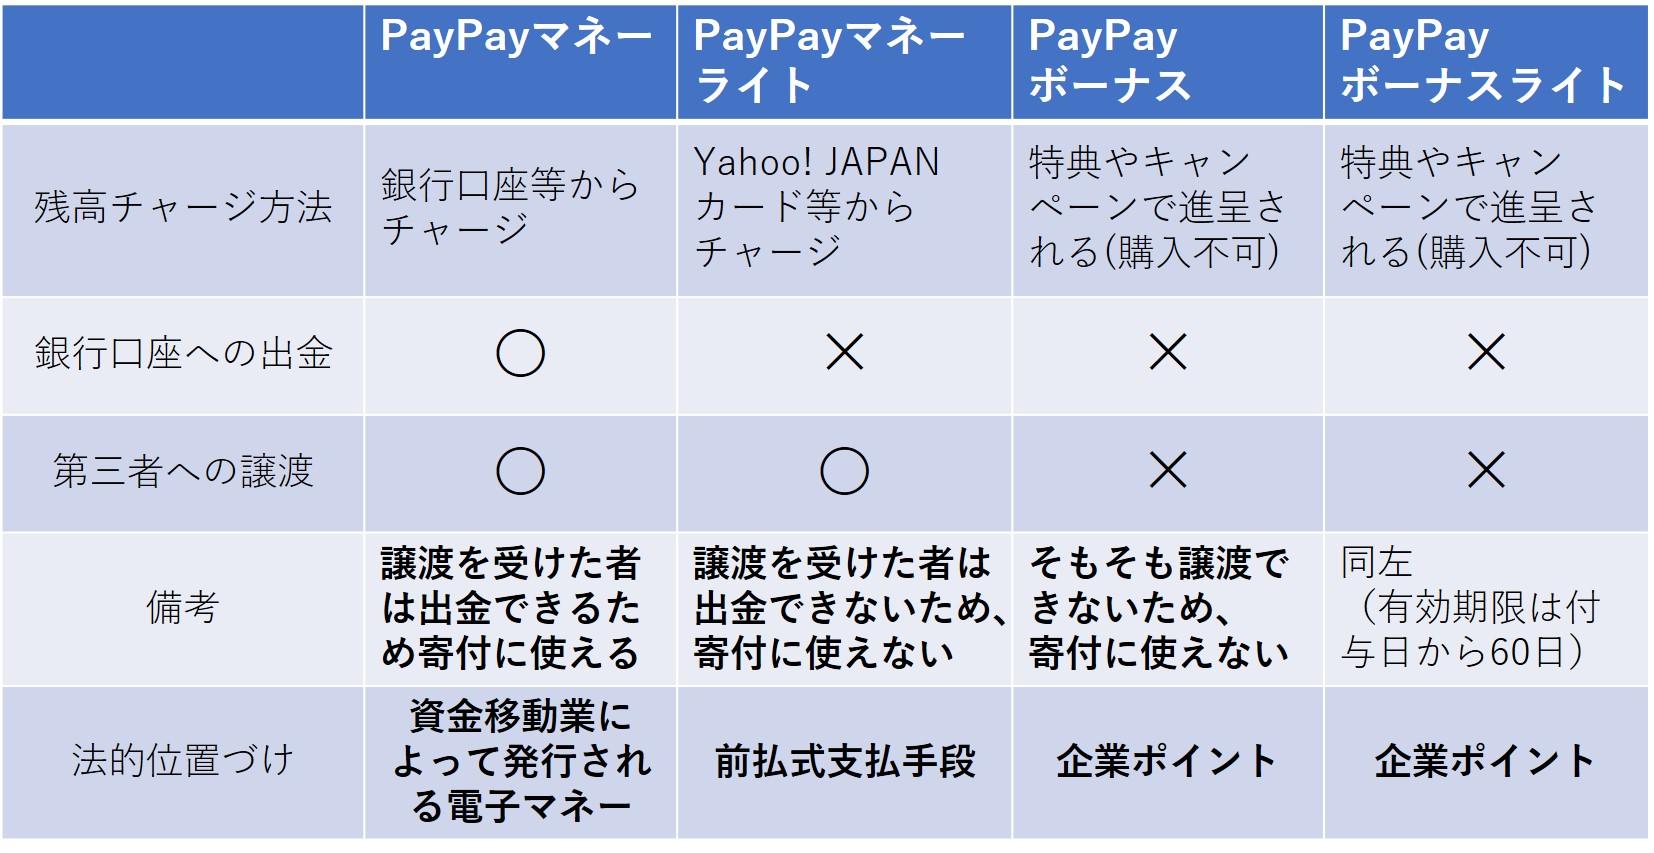 なぜPayPayを使った寄付は制限されているのか | STORIA法律事務所